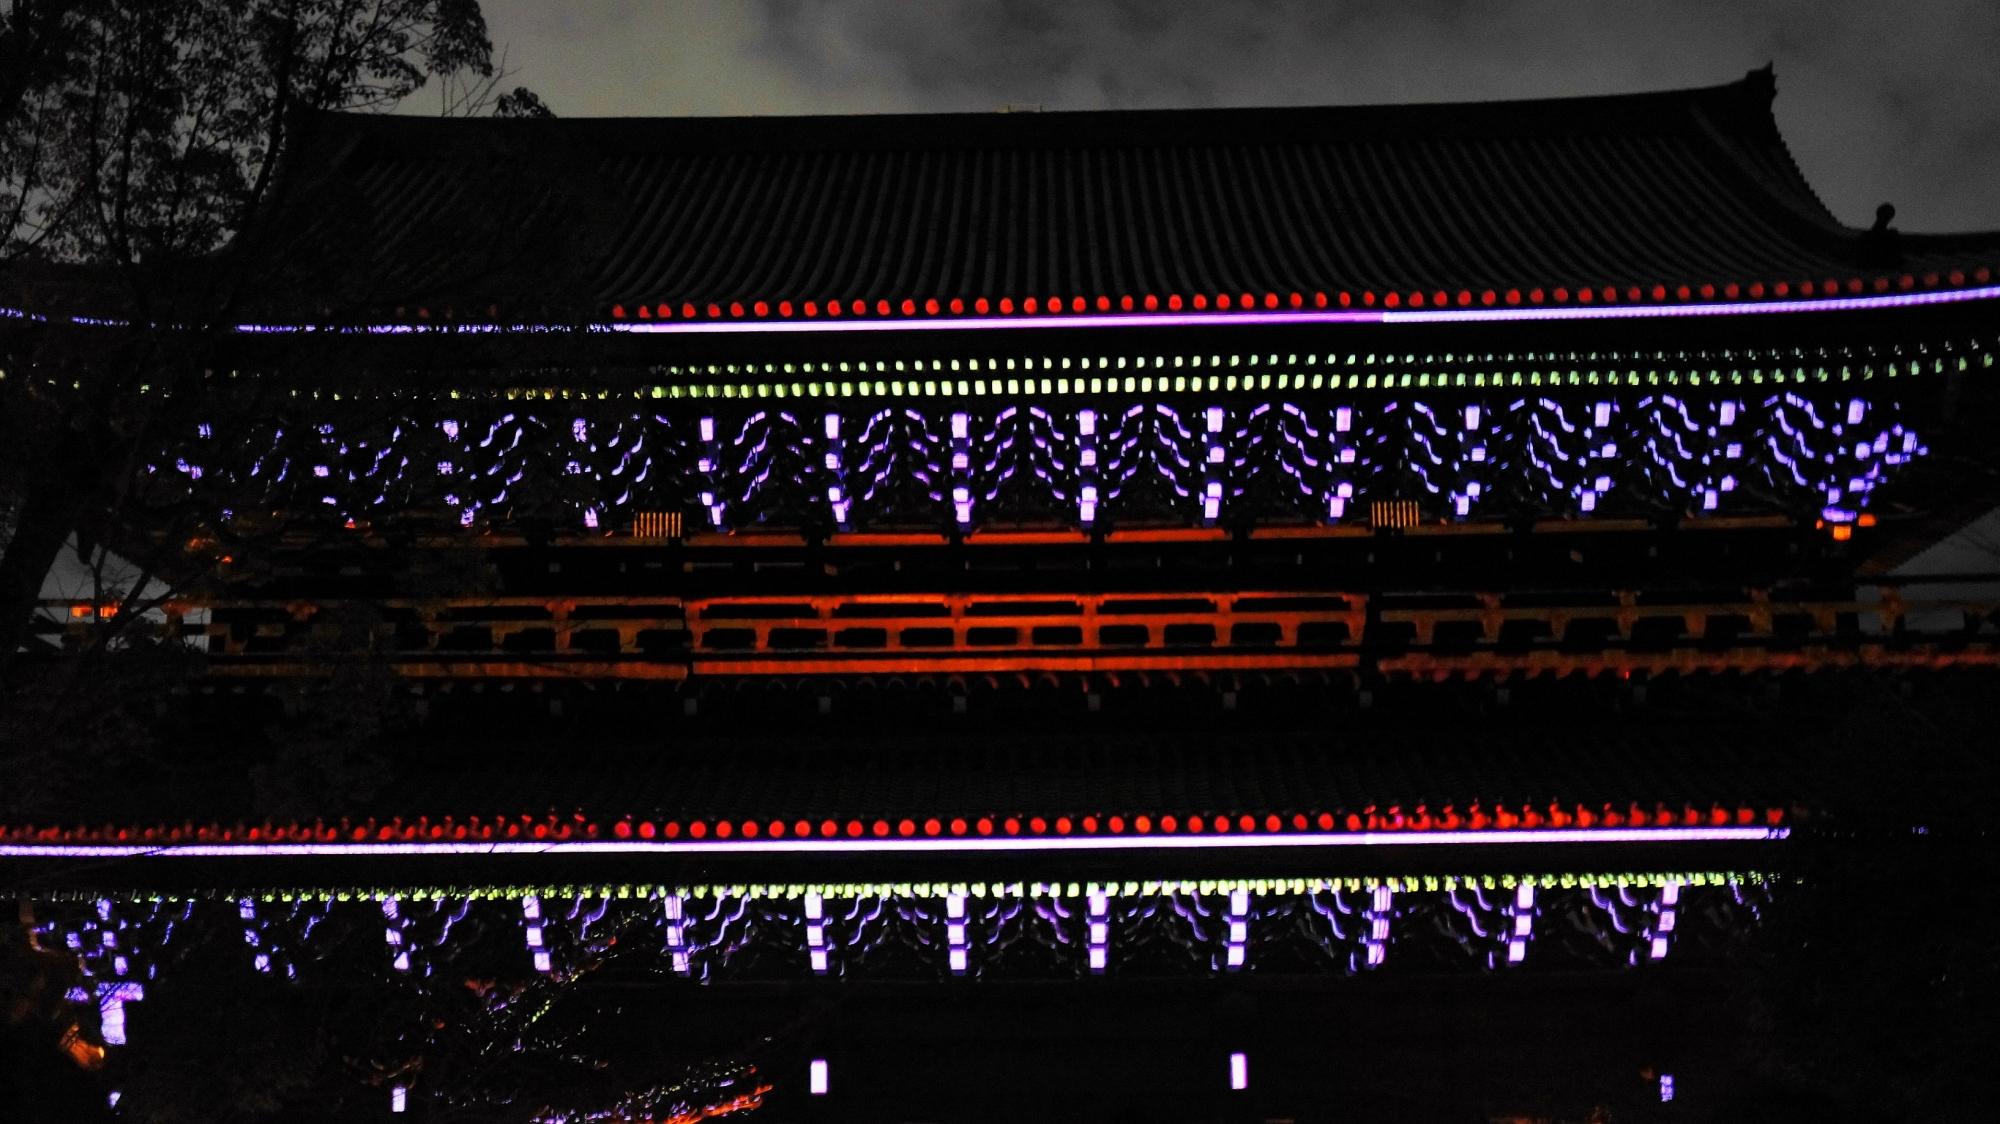 東山花灯路での知恩院三門の幻想的なプロジェクションマッピングの幻想の灯り